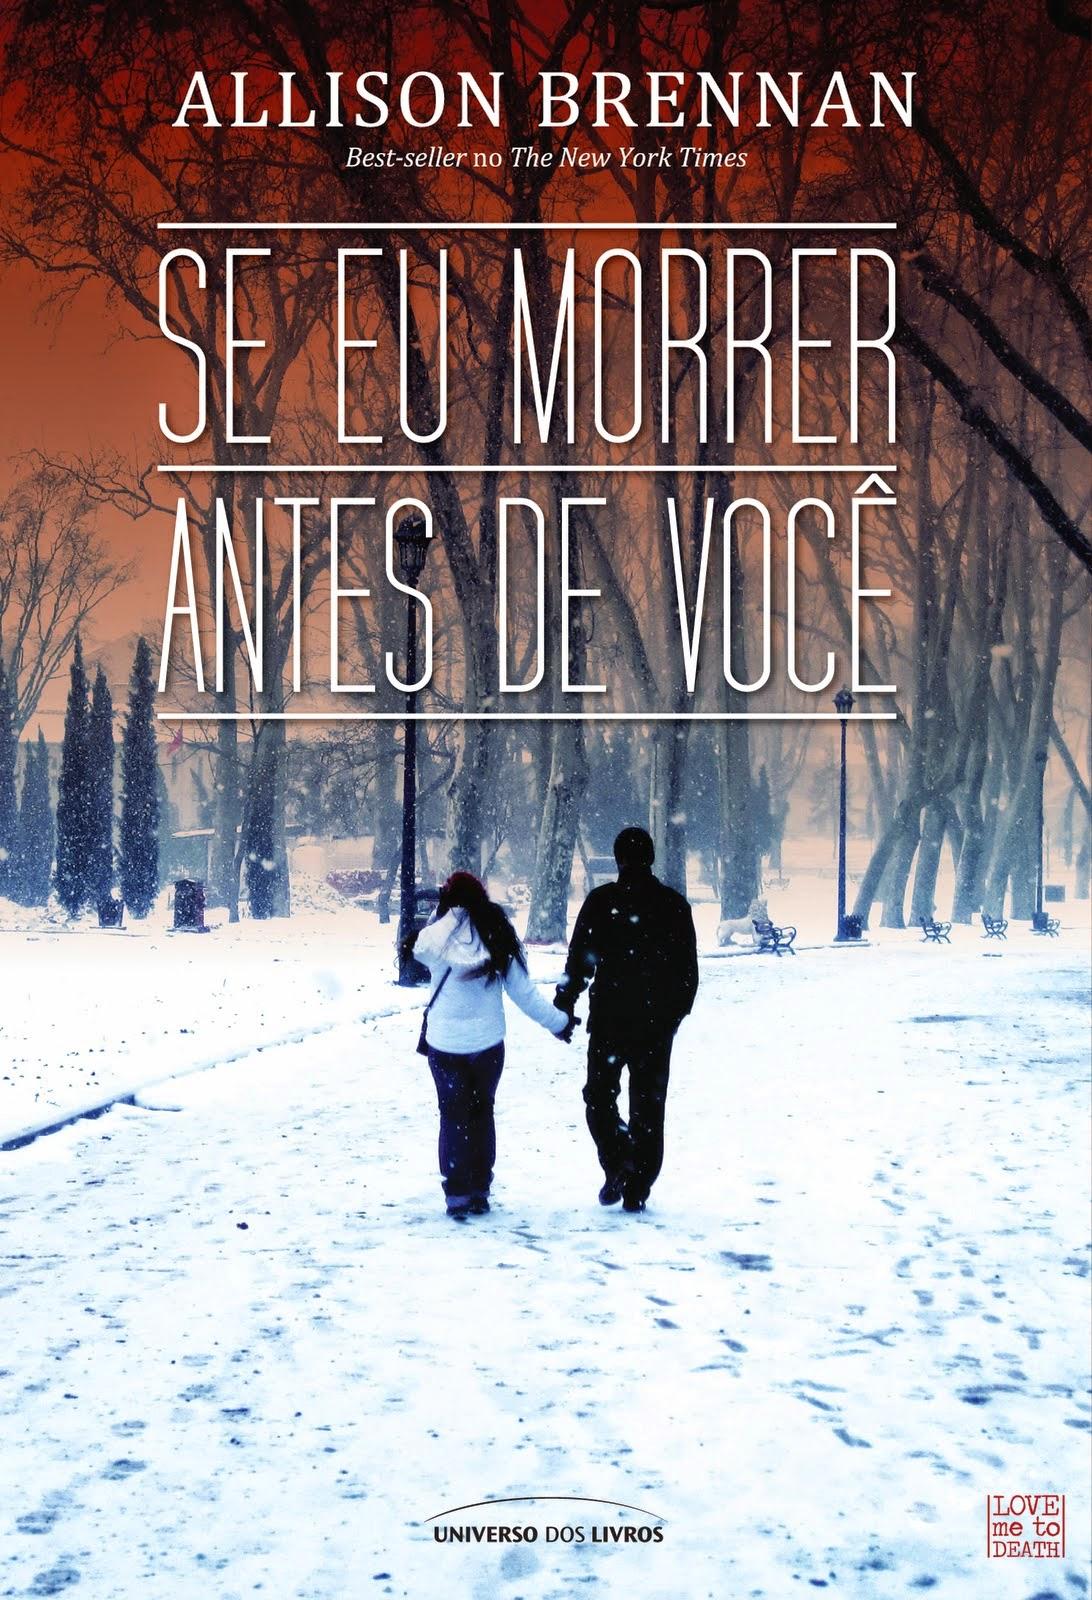 http://surtosliterarios.blogspot.com.br/2014/10/resenha-se-eu-morrer-antes-de-voce.html